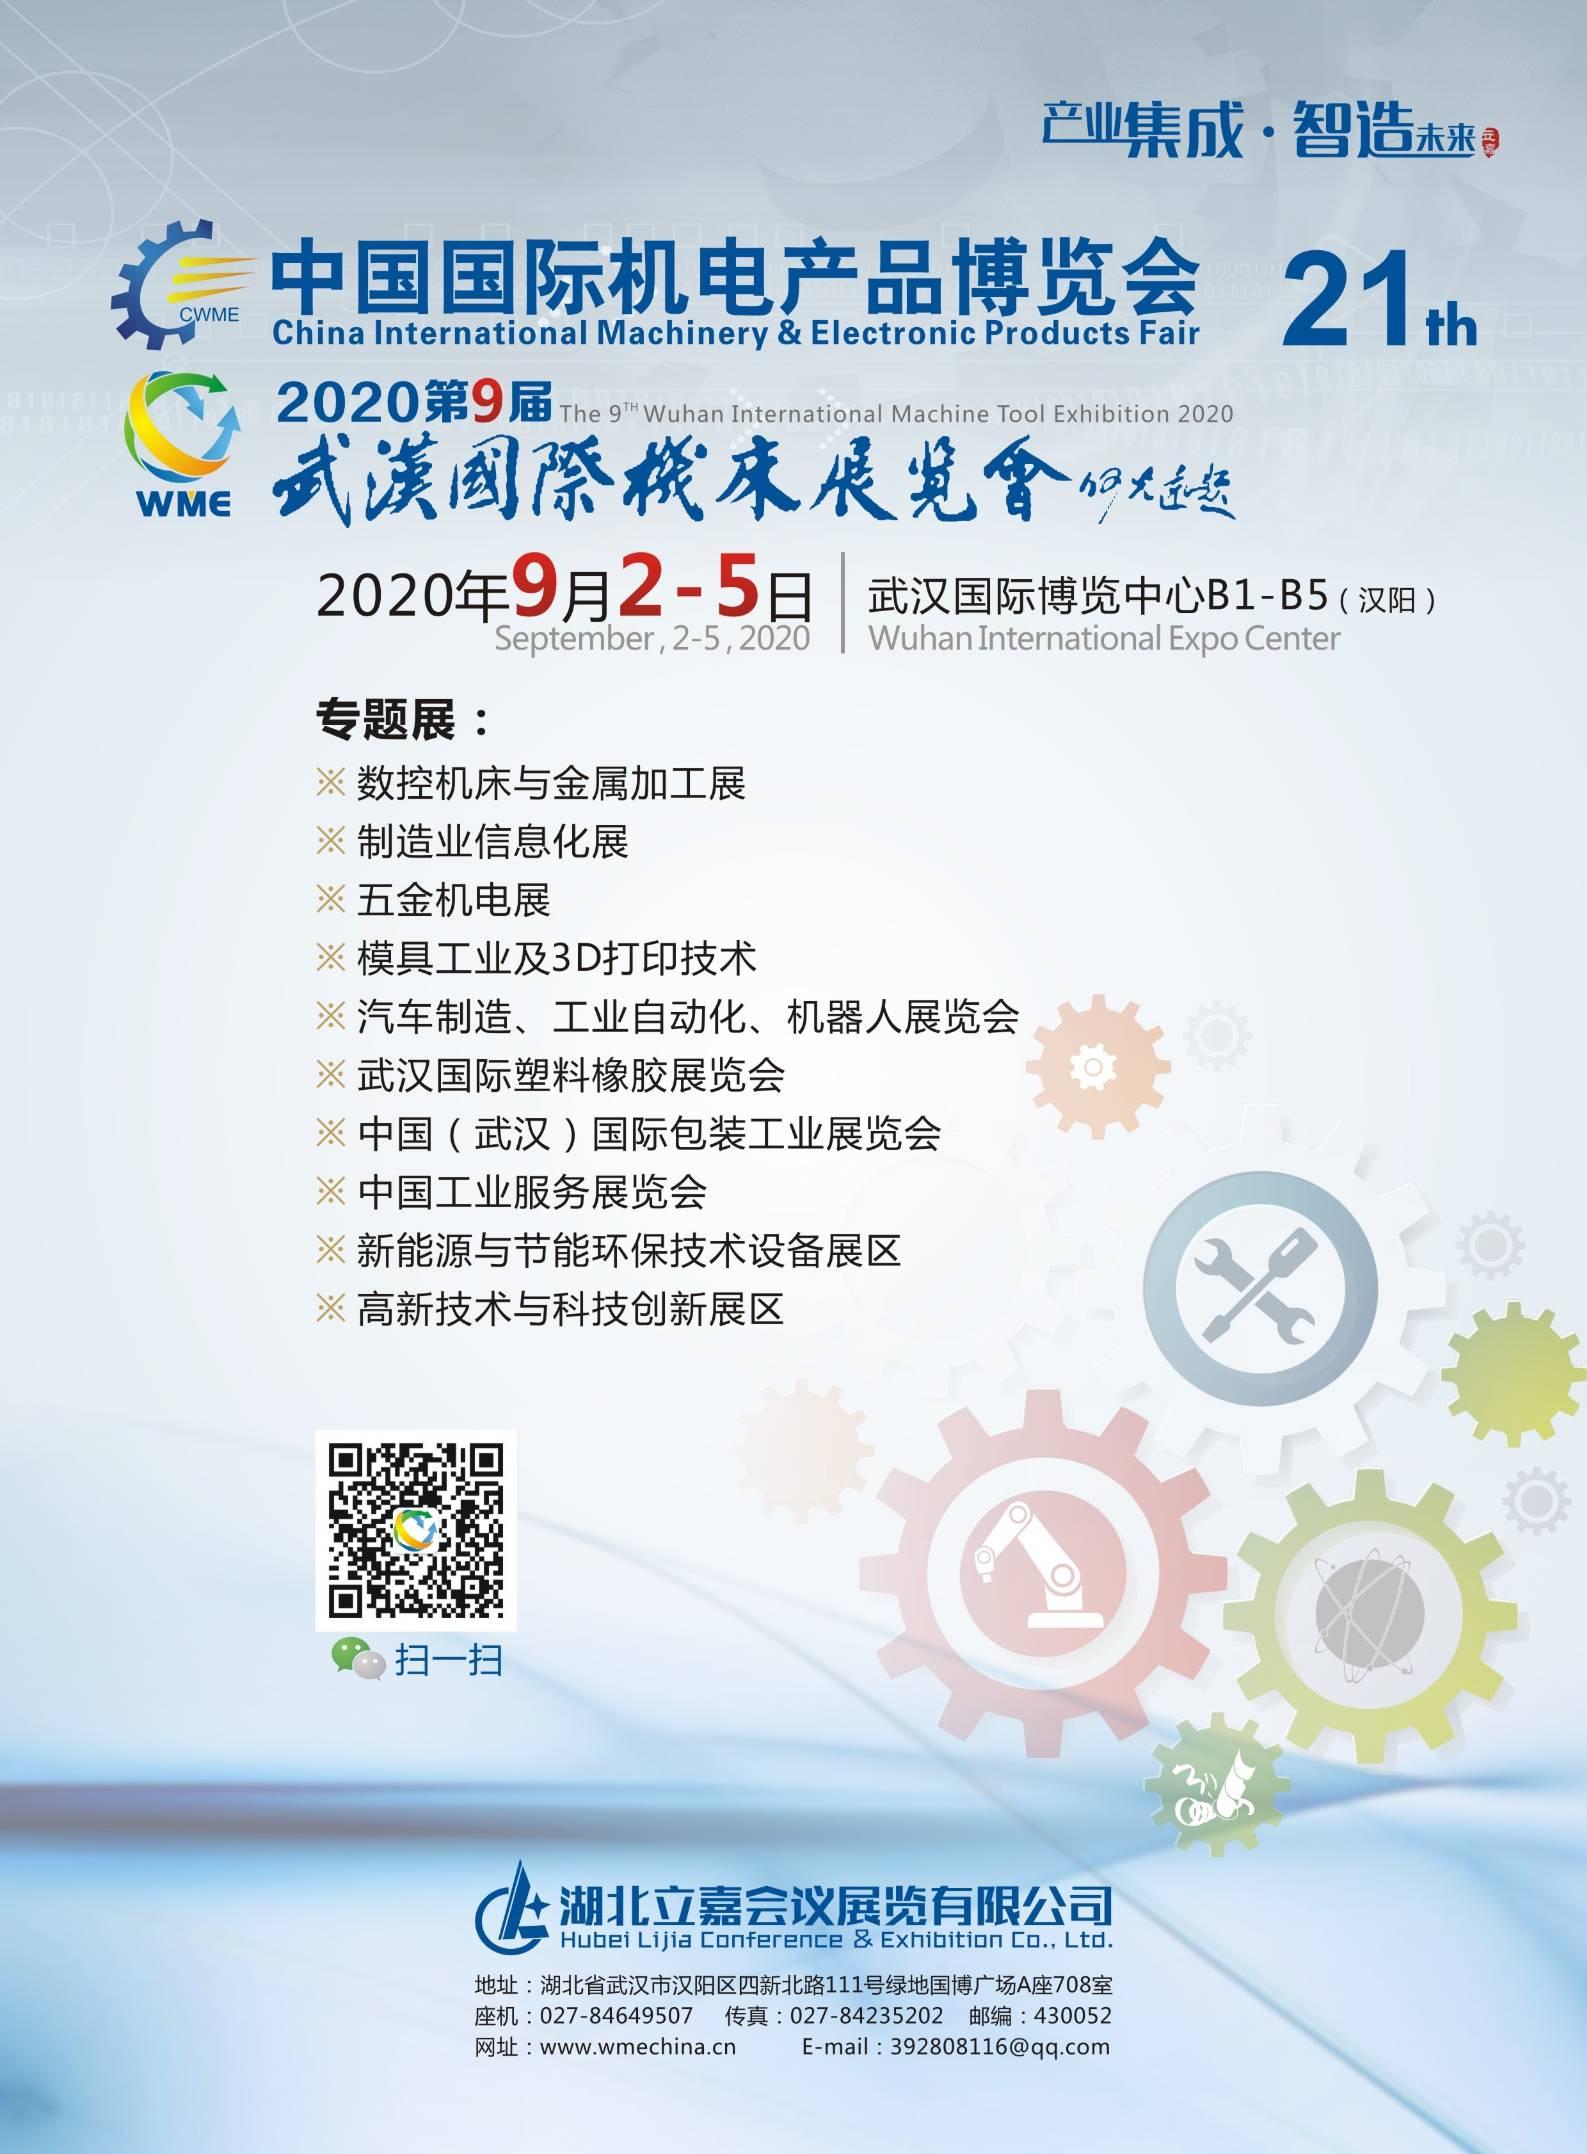 2020第九届武汉国际机床展览会邀请函